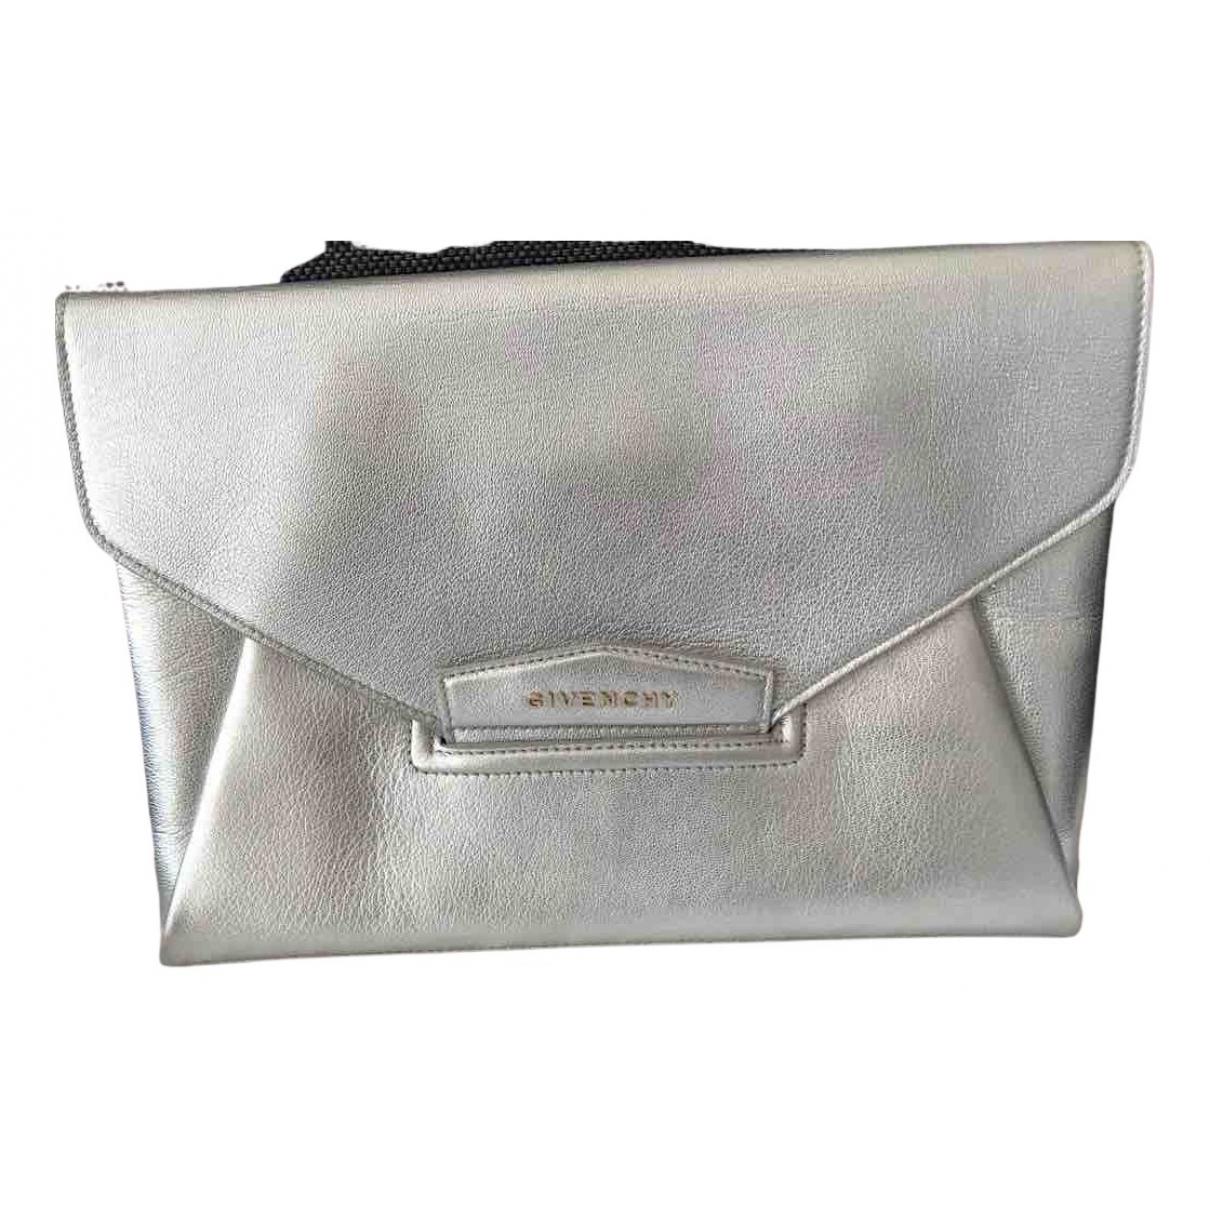 Givenchy - Pochette Antigona pour femme en cuir - argente